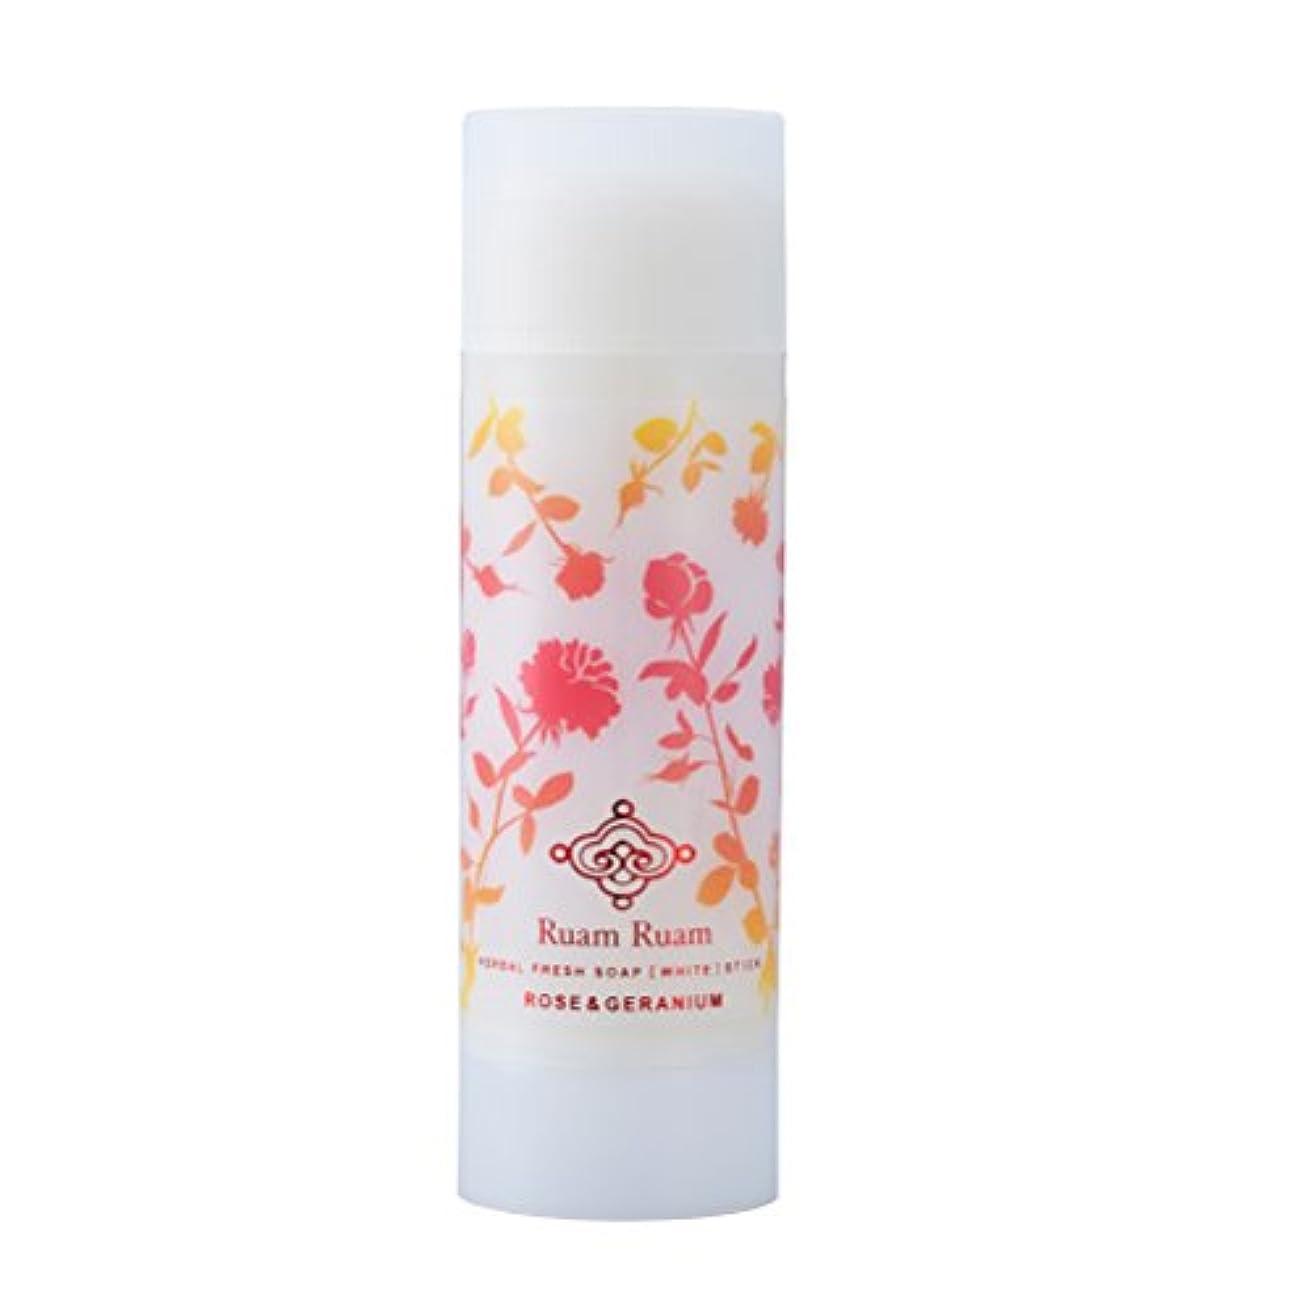 色中国不平を言うルアンルアン(Ruam Ruam) 洗顔石鹸(白) ローズアンドゼラニウム 90g